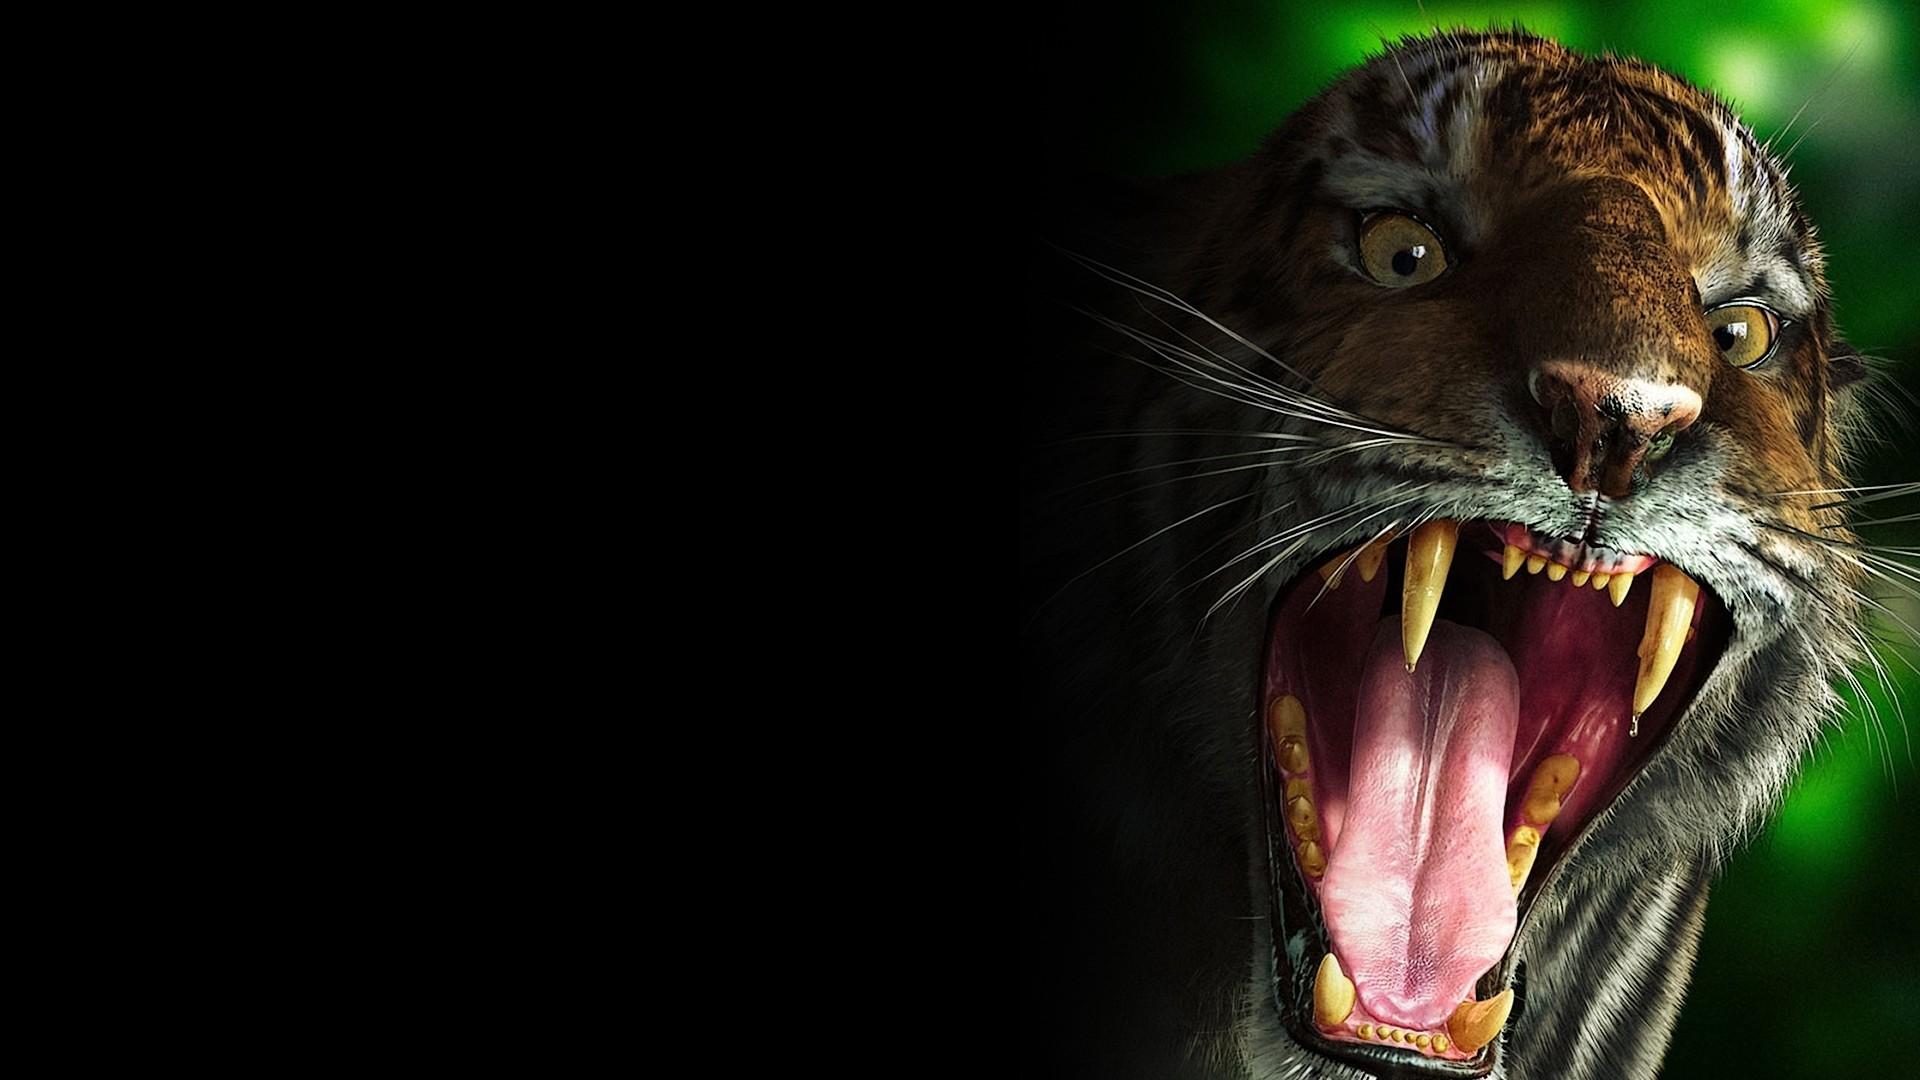 tiger, teeth, scary